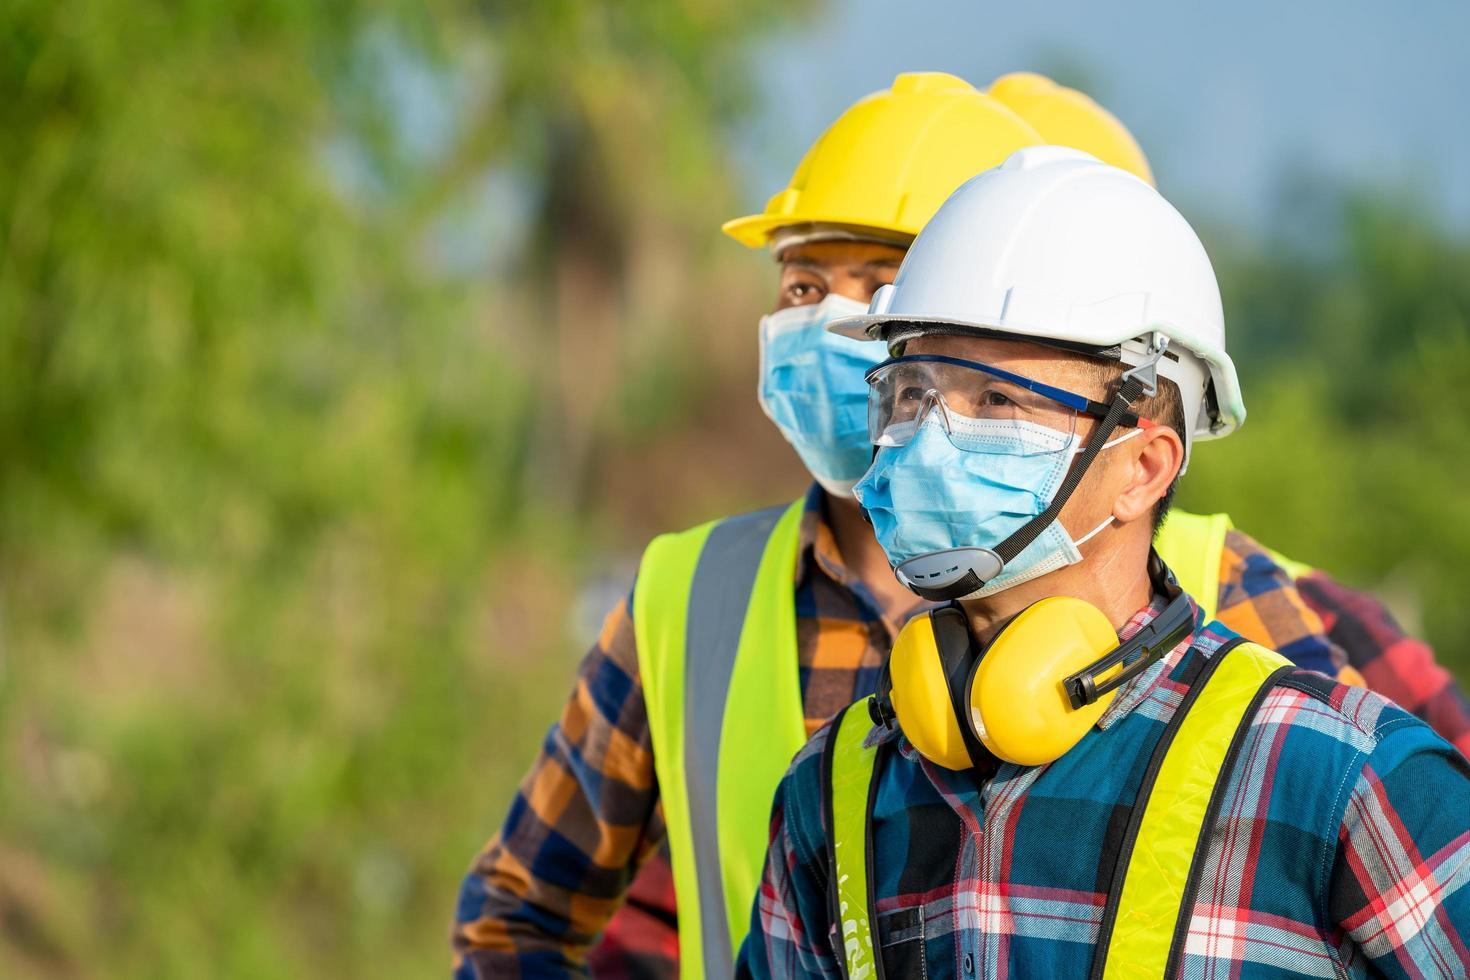 Männer mit Sicherheitsausrüstung foto